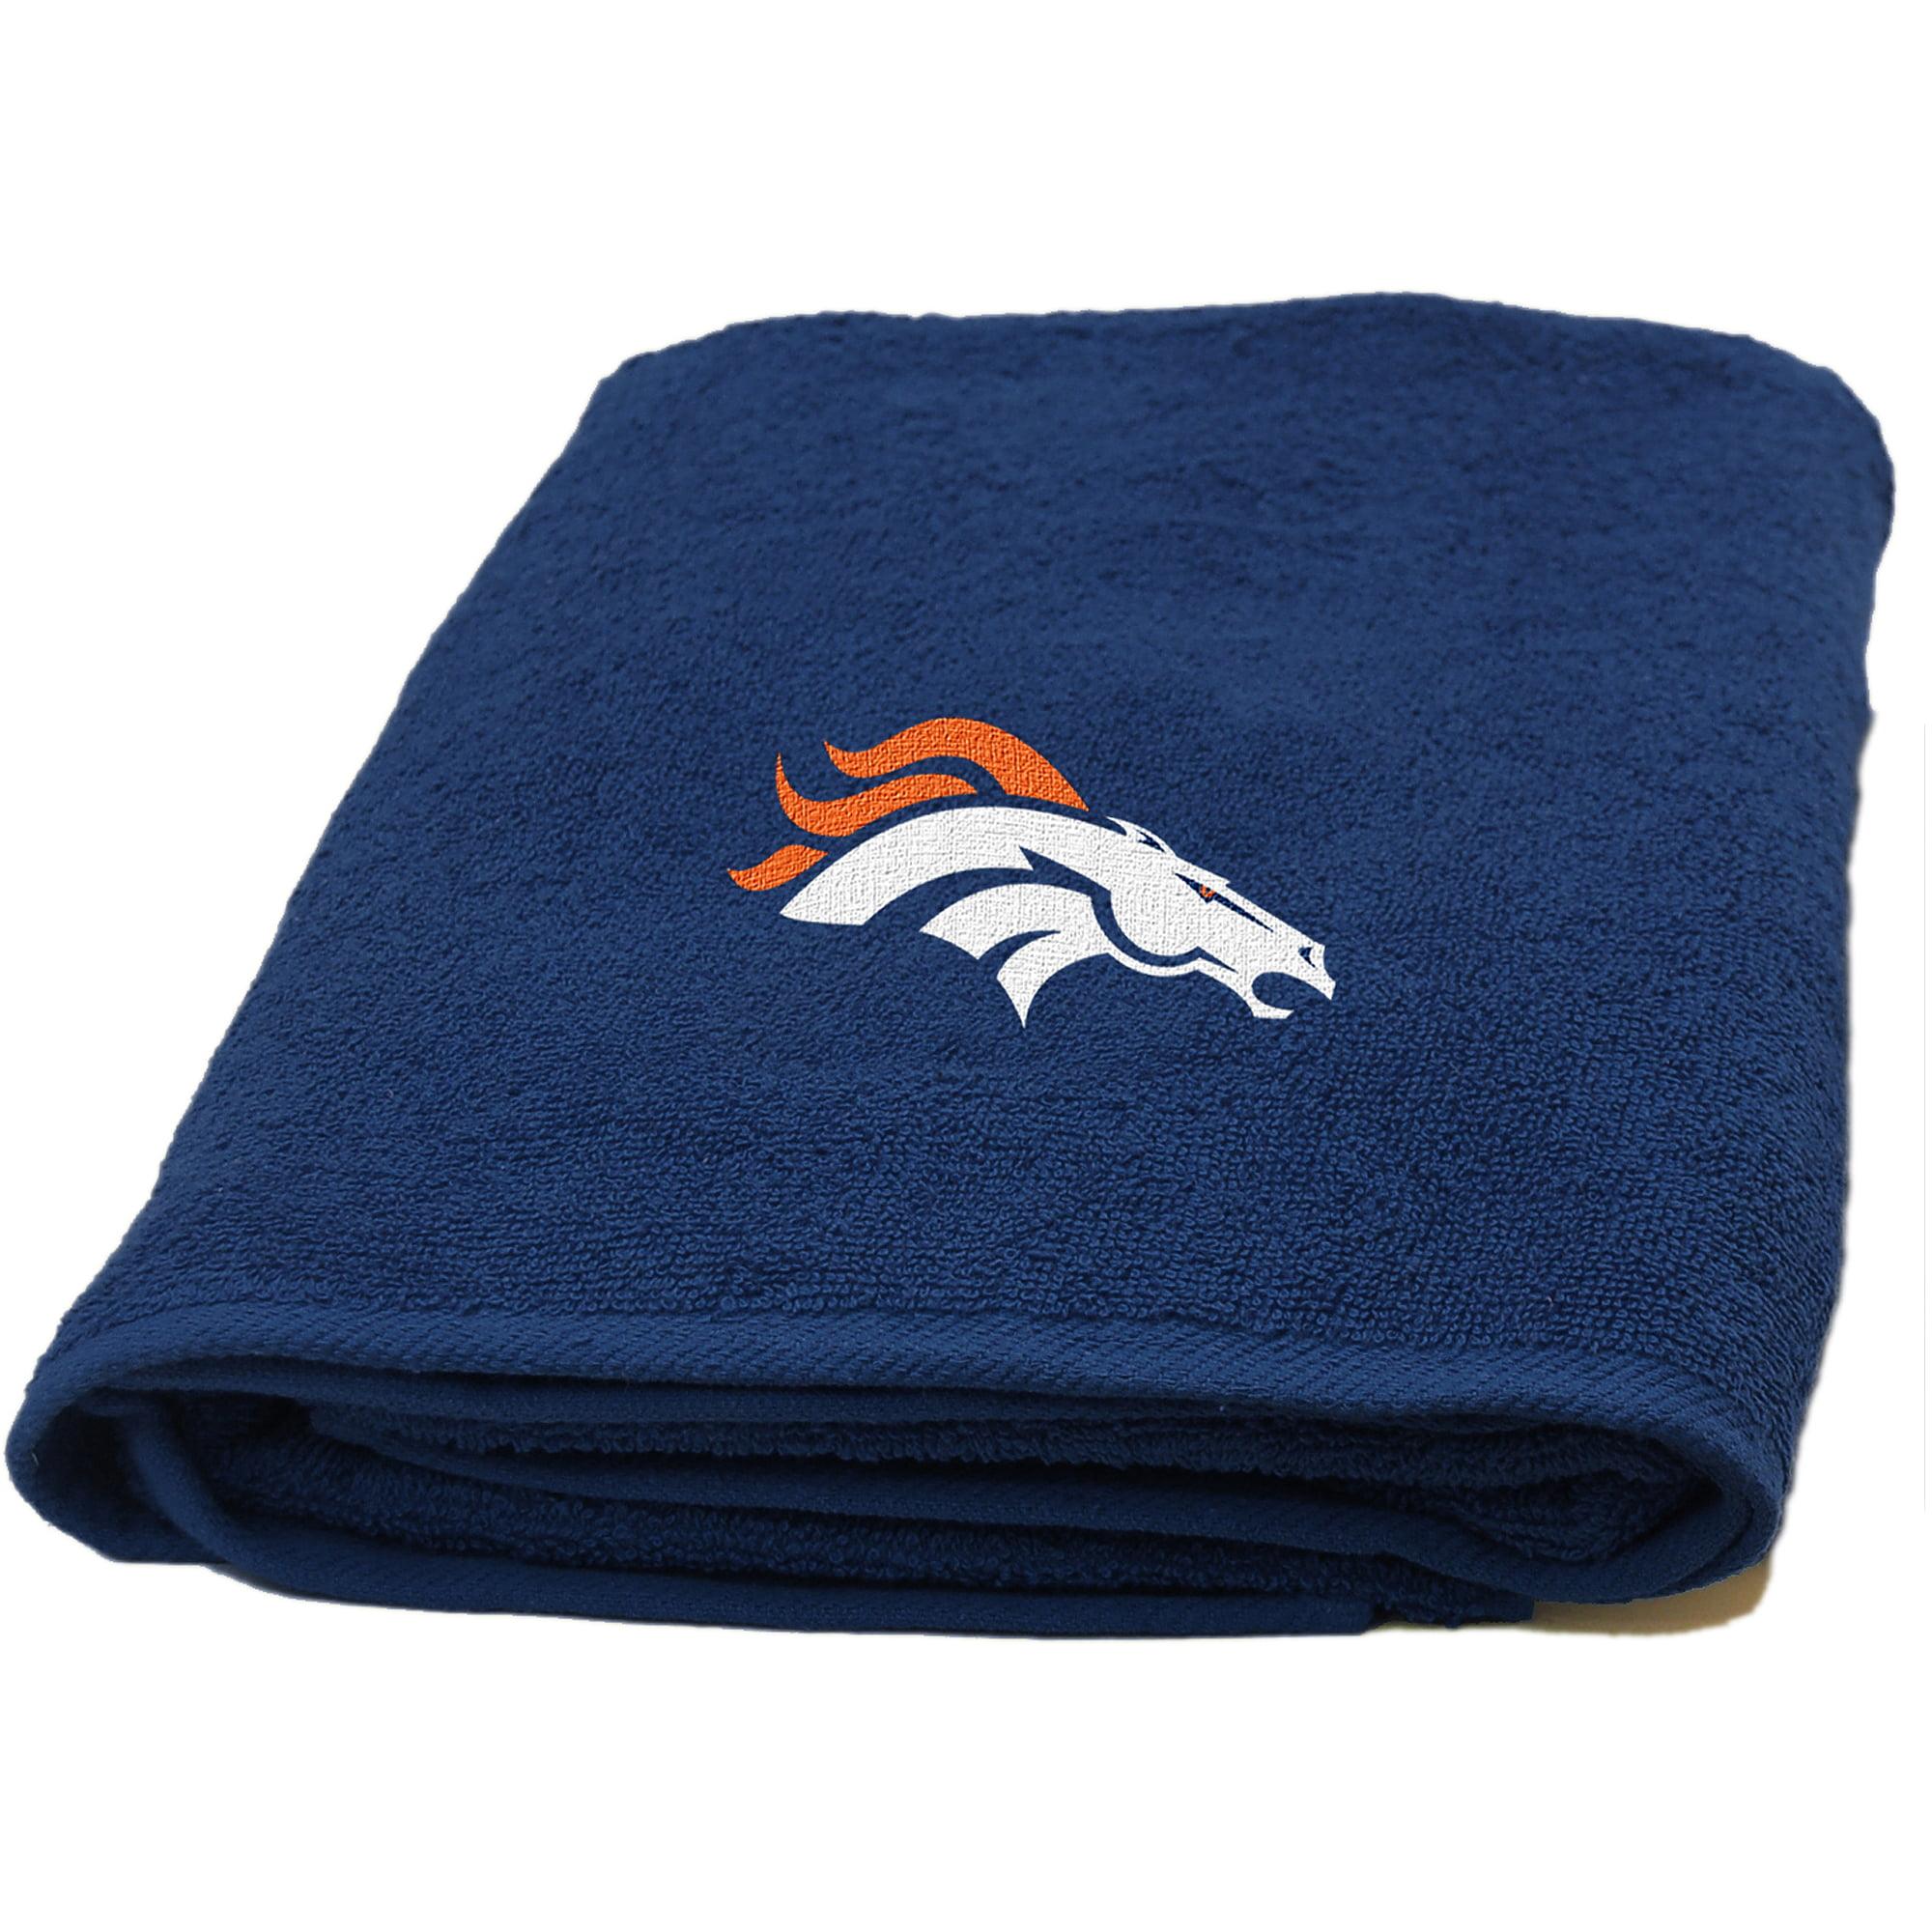 Denver Broncos Bath Towel Walmartcom